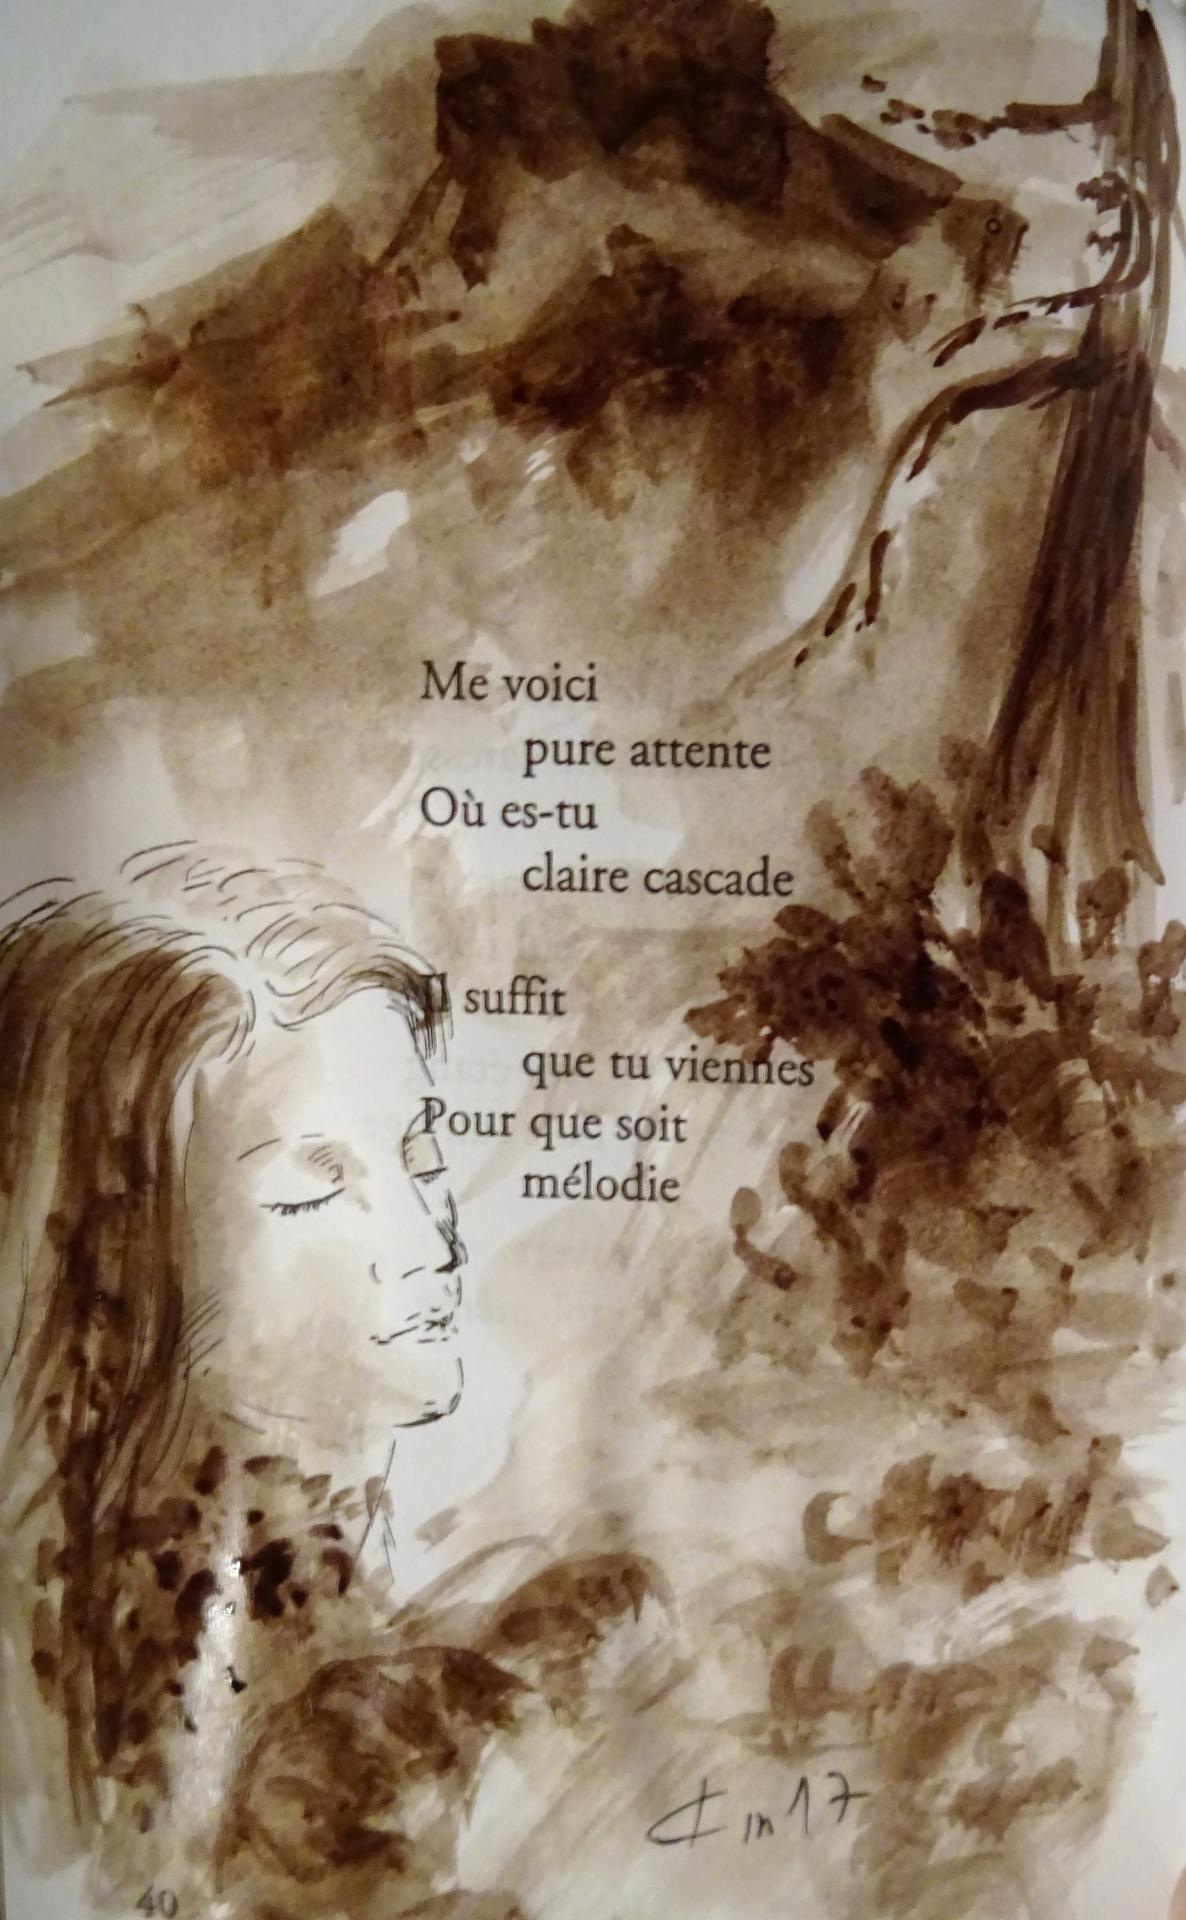 Poeme de francois cheng illustre dessin au lavis de jean joseph chevalier 166